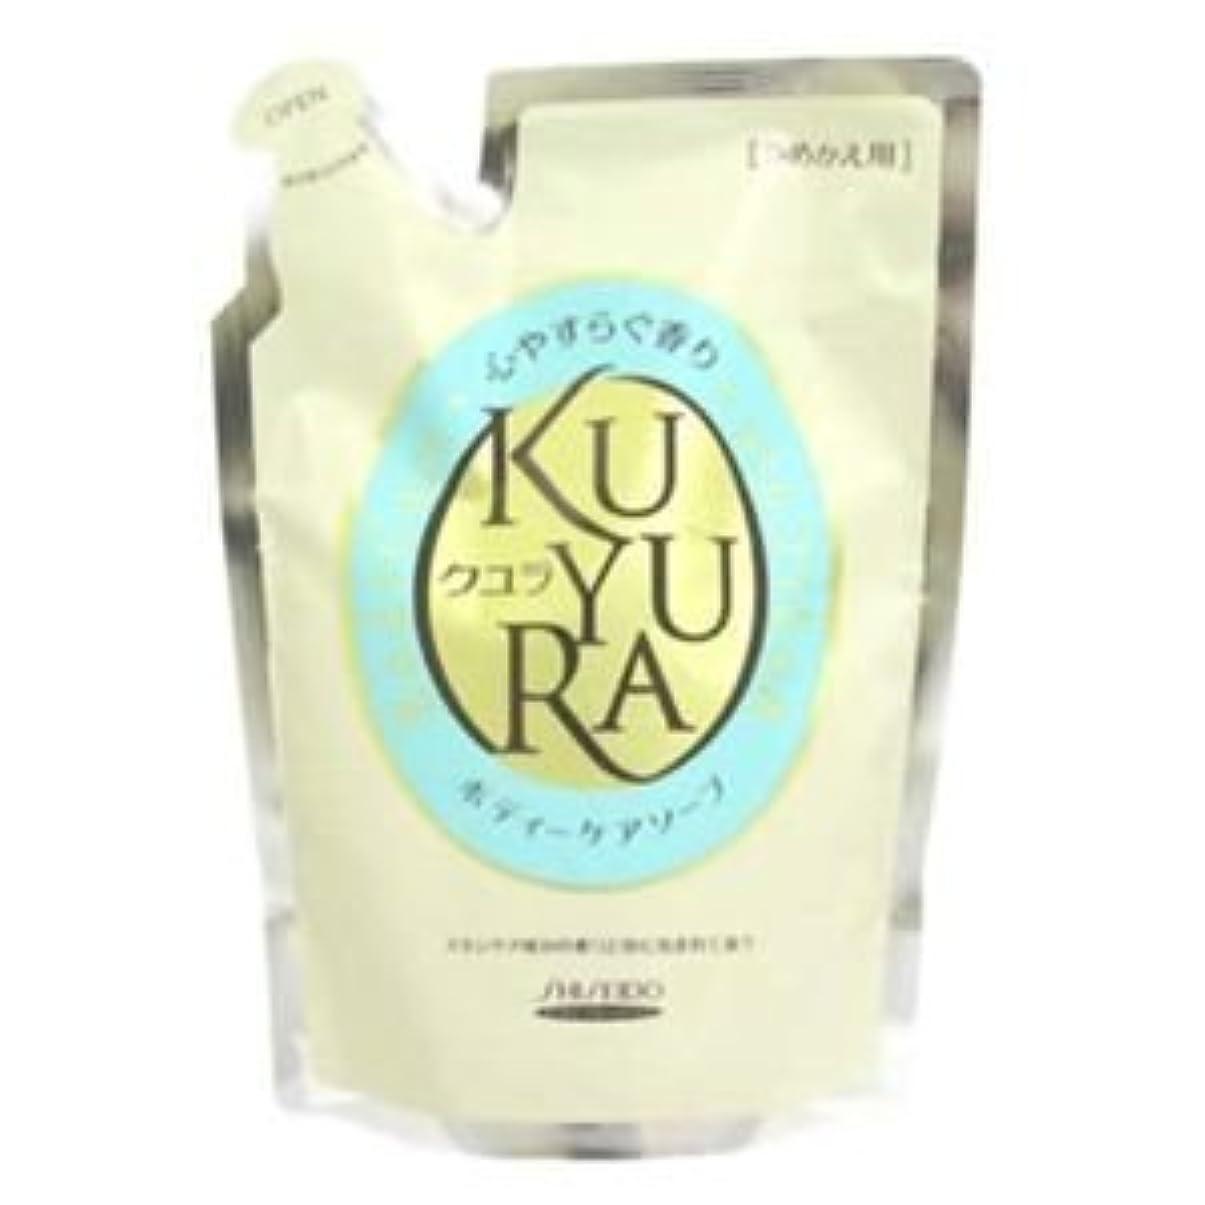 マングルピジン目的クユラ ボディケアソープ 心やすらぐ香り つめかえ用400ml 4セット